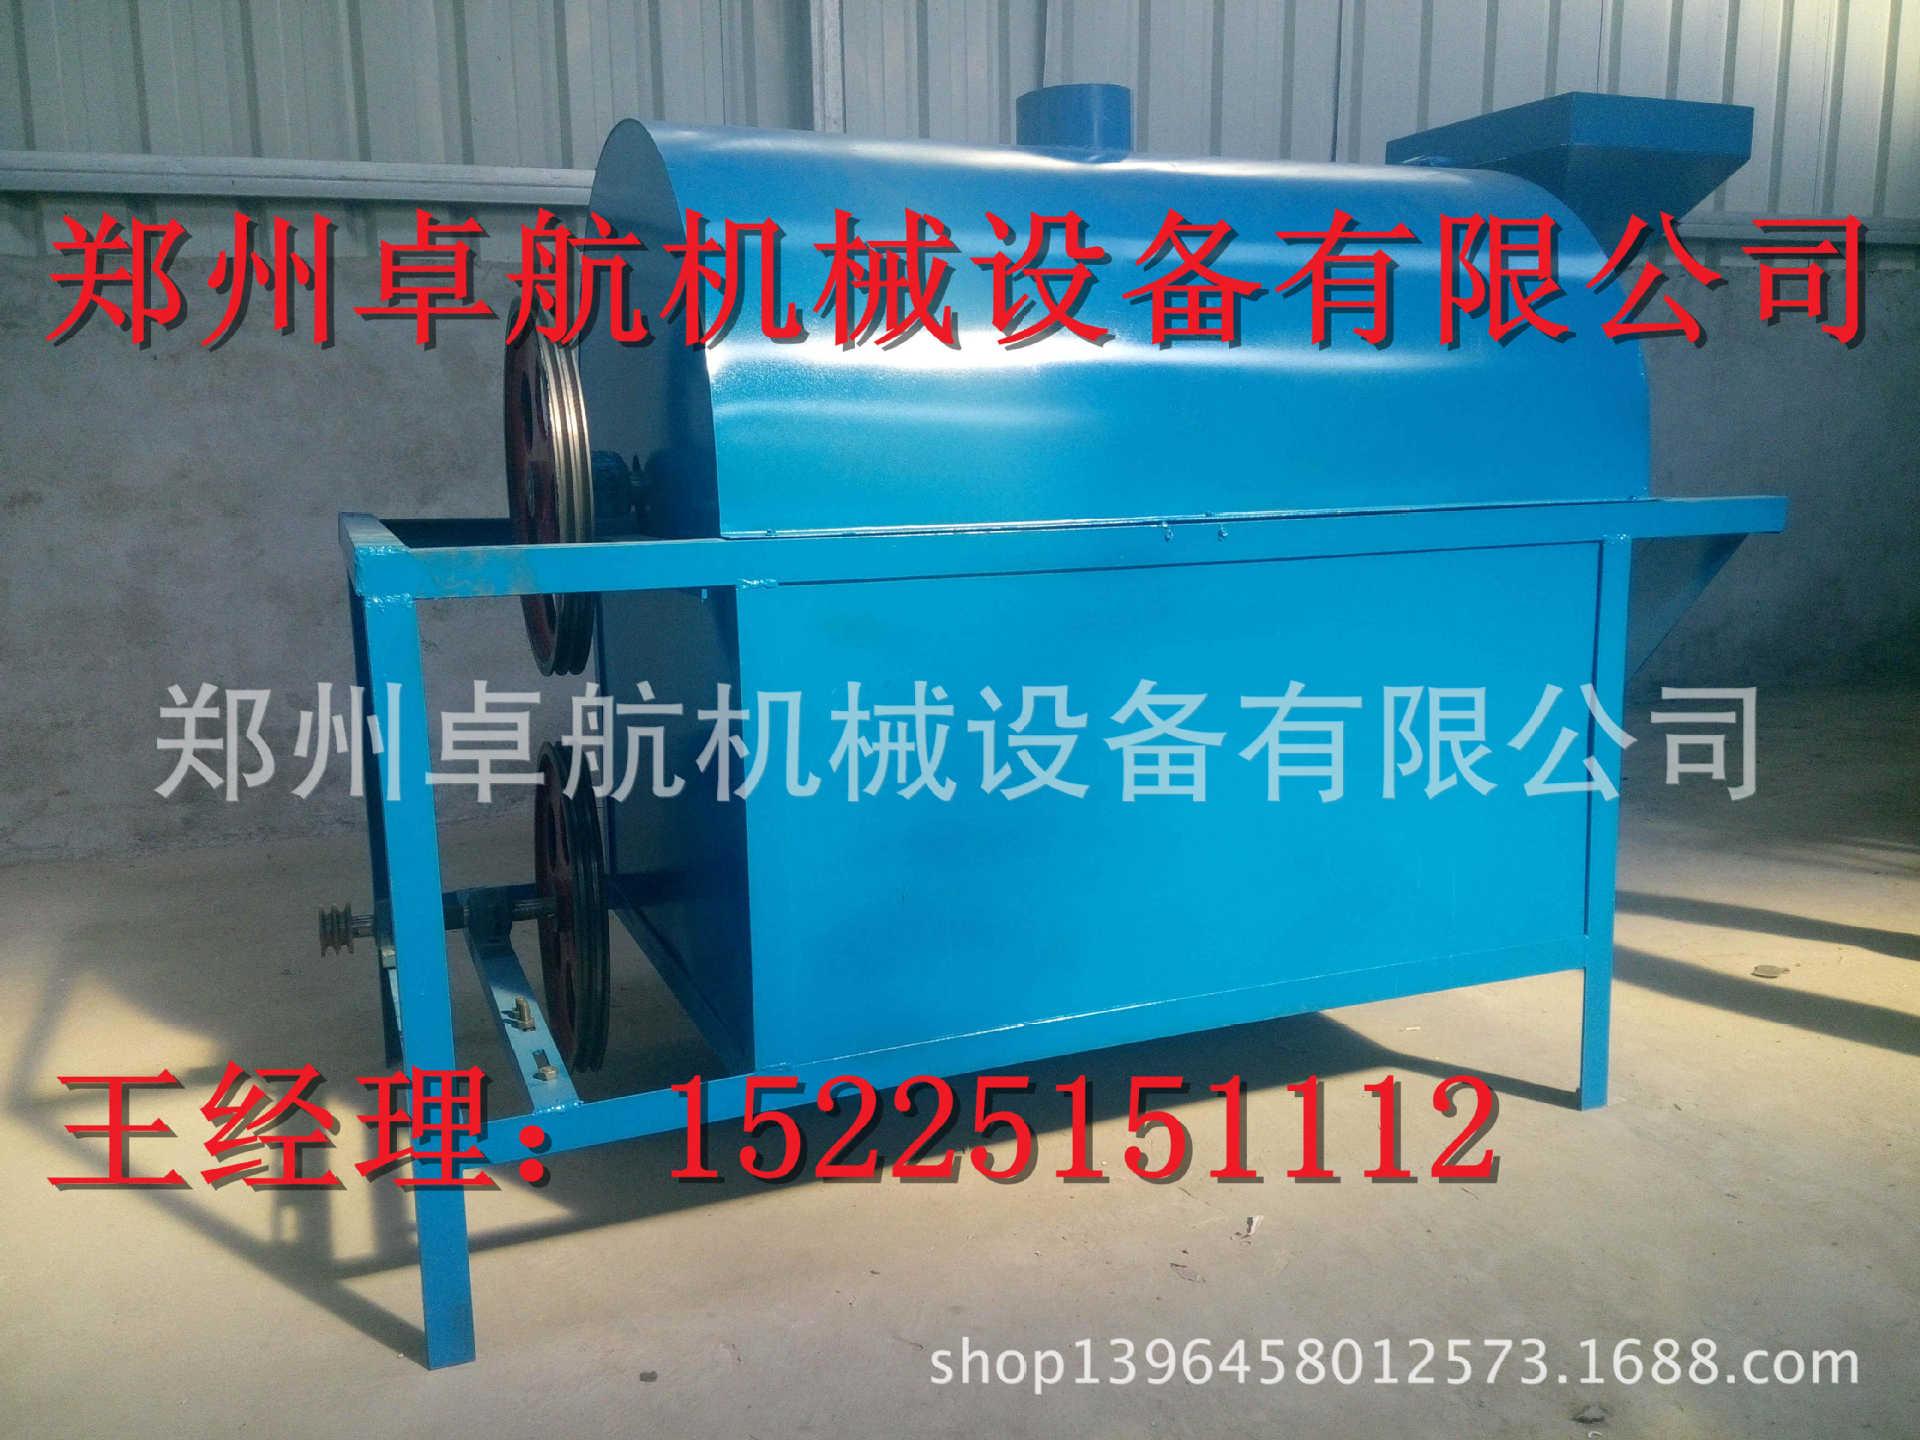 新款环保炒货机 电加热炒货机 100型多功能自动炒货机